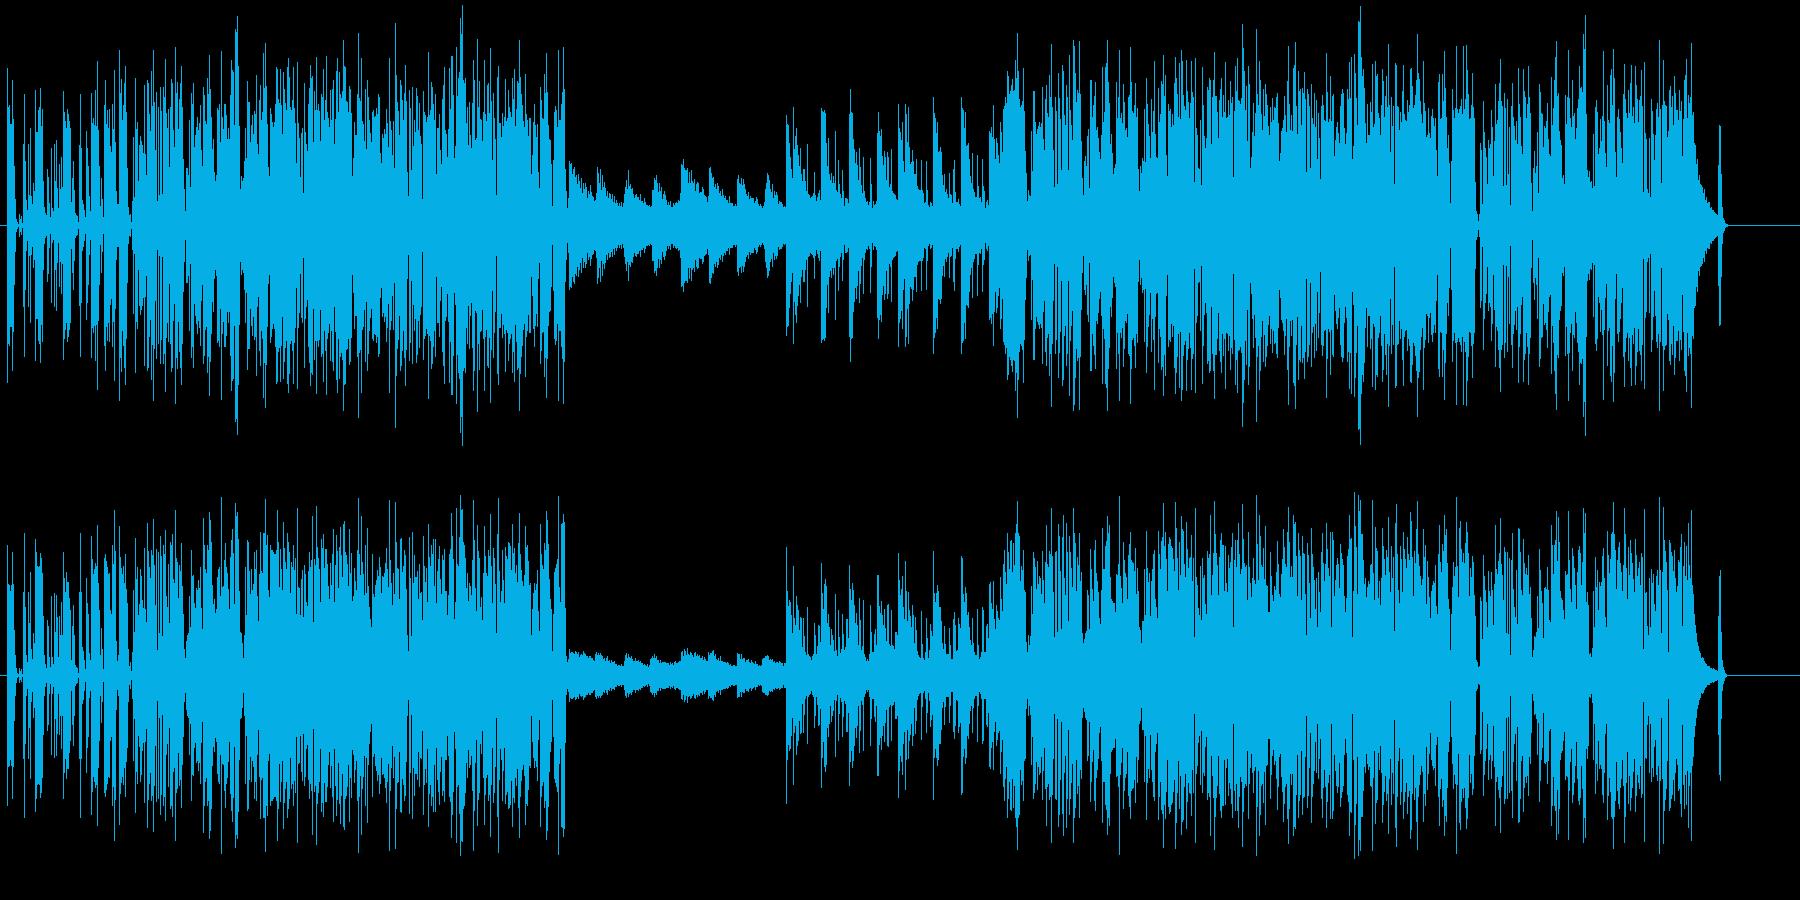 物悲しい雰囲気のJAZZの再生済みの波形